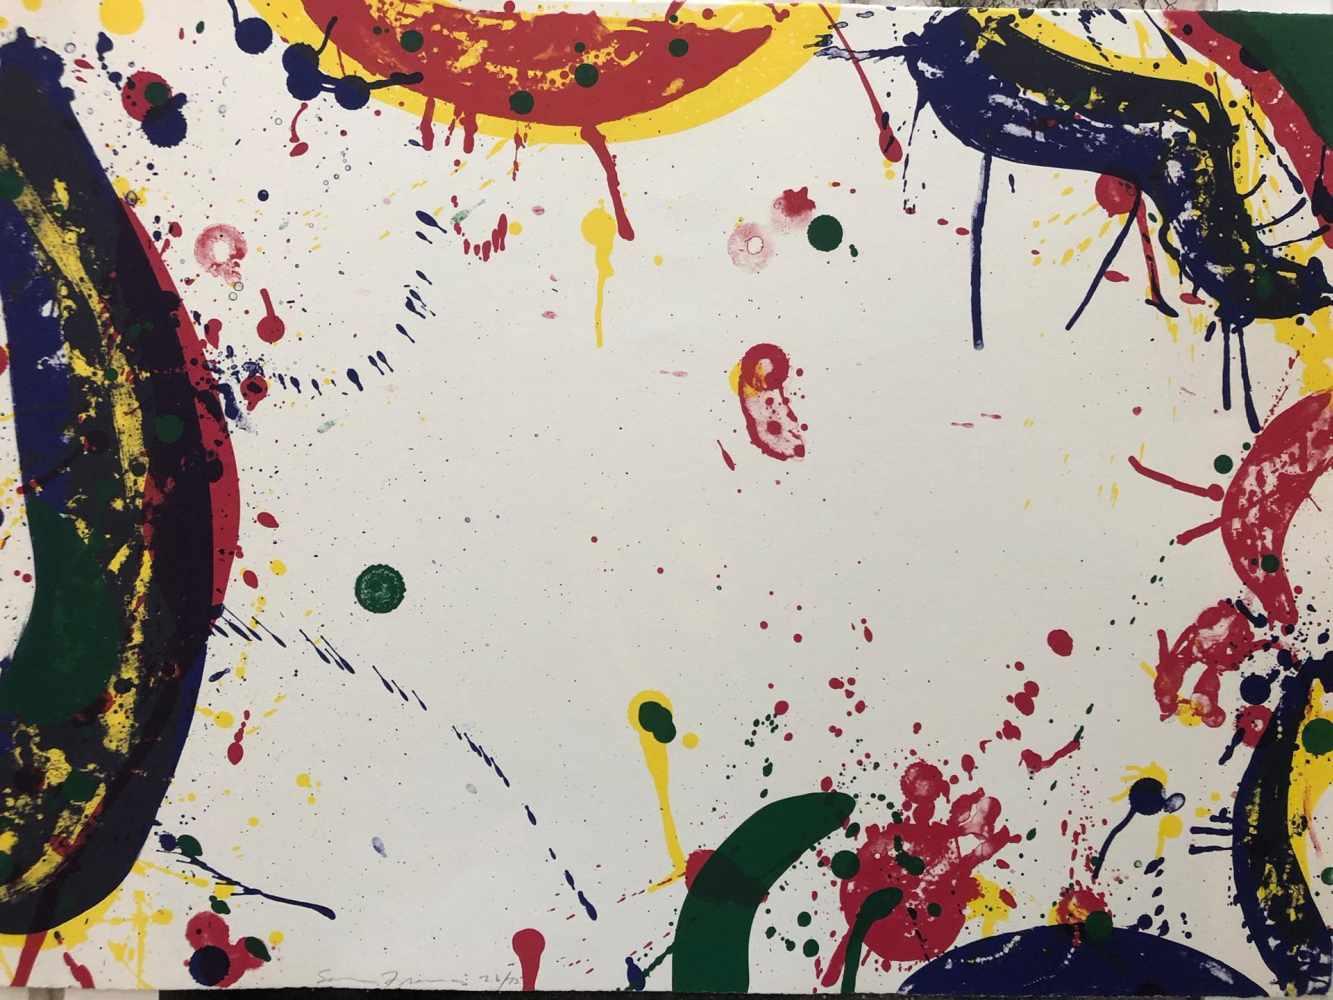 Lot 45 - Sam Francis - Colors in Space, 1970Lithographie originale sur papierSignée au crayon et numérotée 26